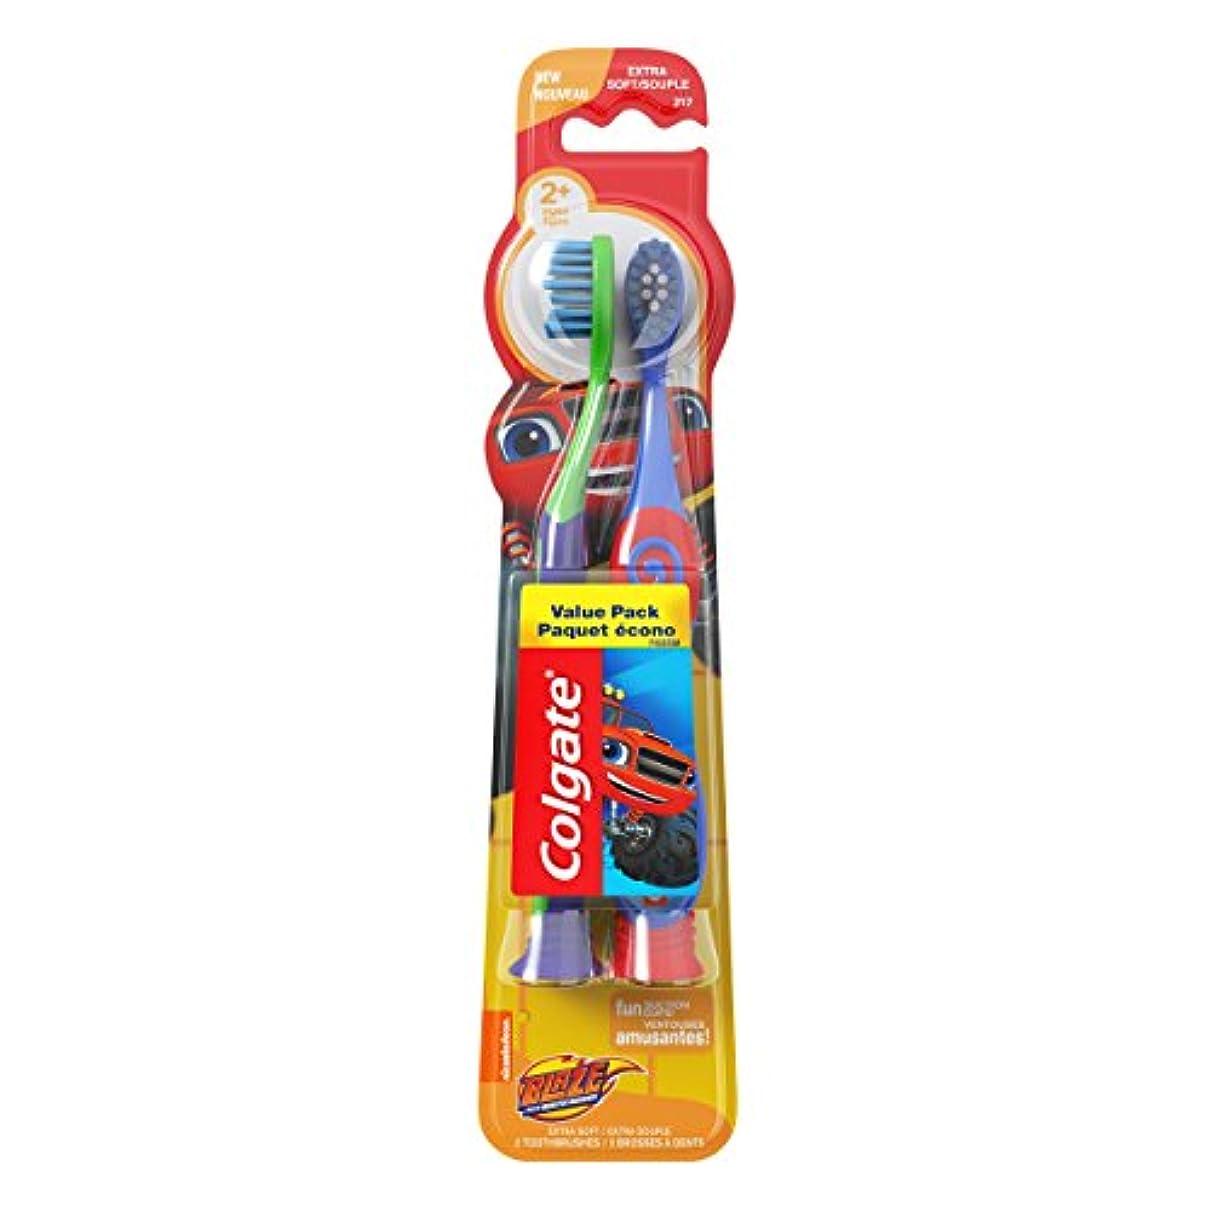 可愛い火薬請求Colgate 吸盤付きキッズ柔らかい歯ブラシ、ブレイズバリューパック(2カウント)